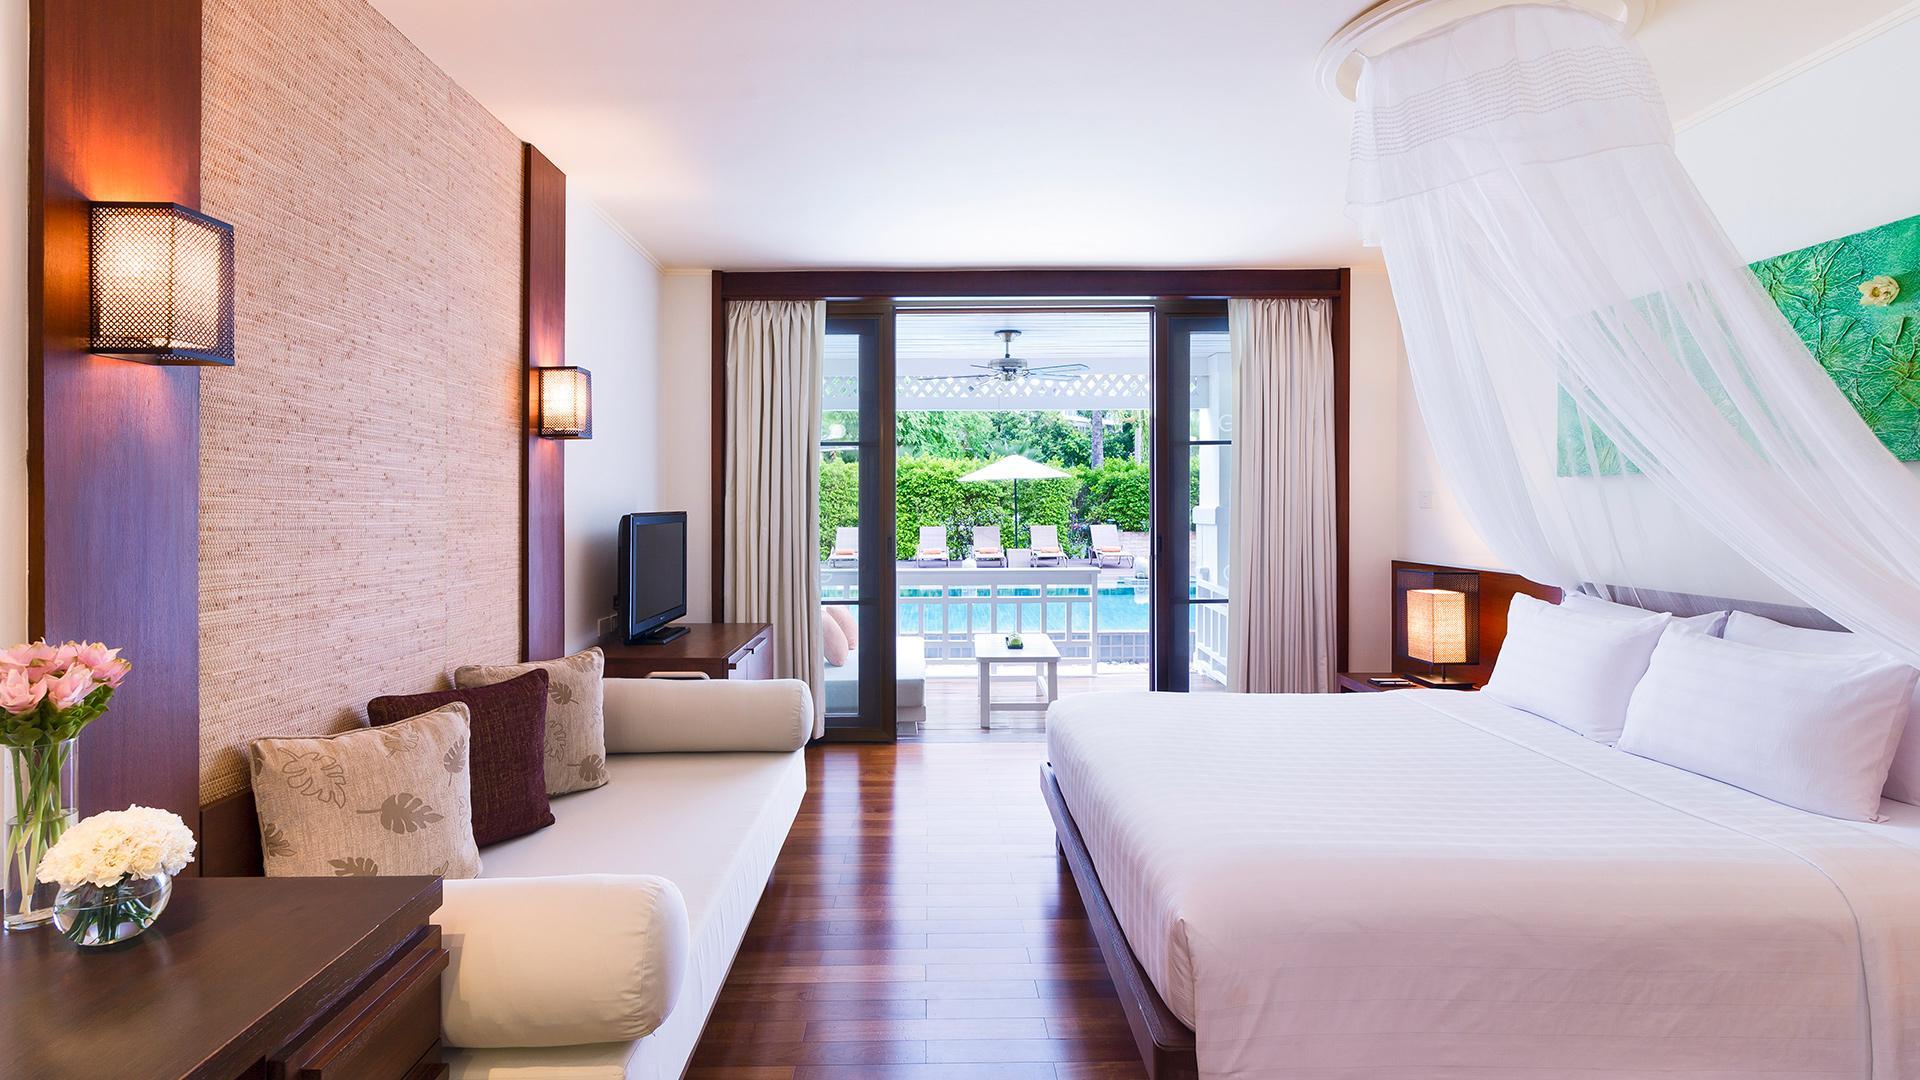 Lanai Pool Access Room image 1 at Pullman Pattaya Hotel G by Amphoe Bang Lamung, Chang Wat Chon Buri, Thailand